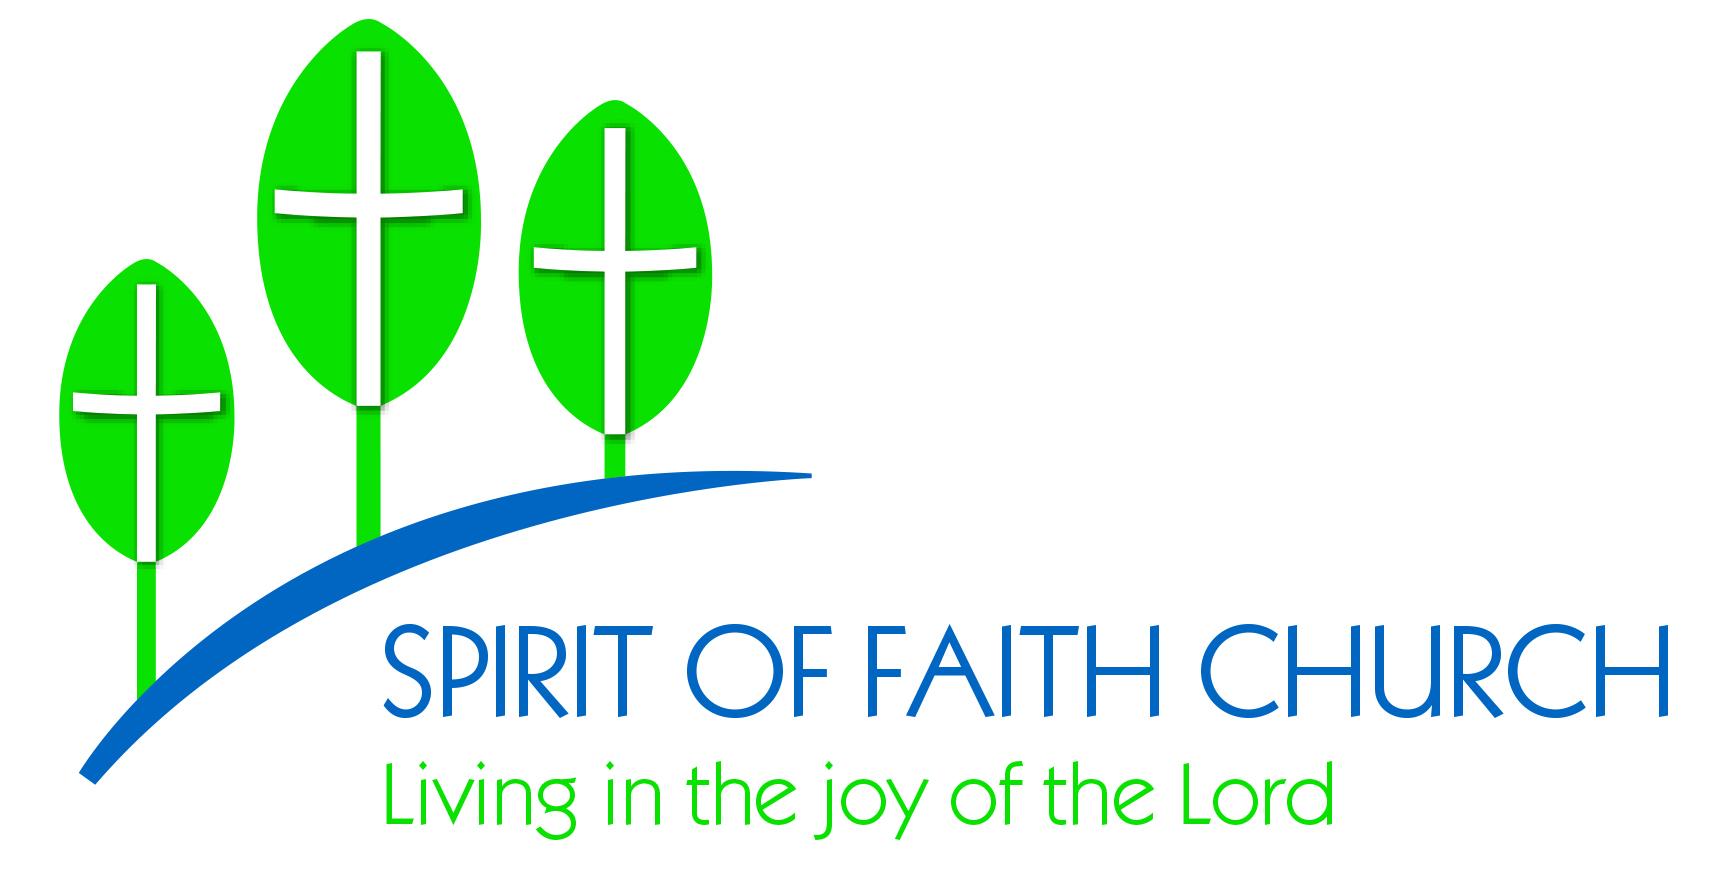 Spirit of Faith Church